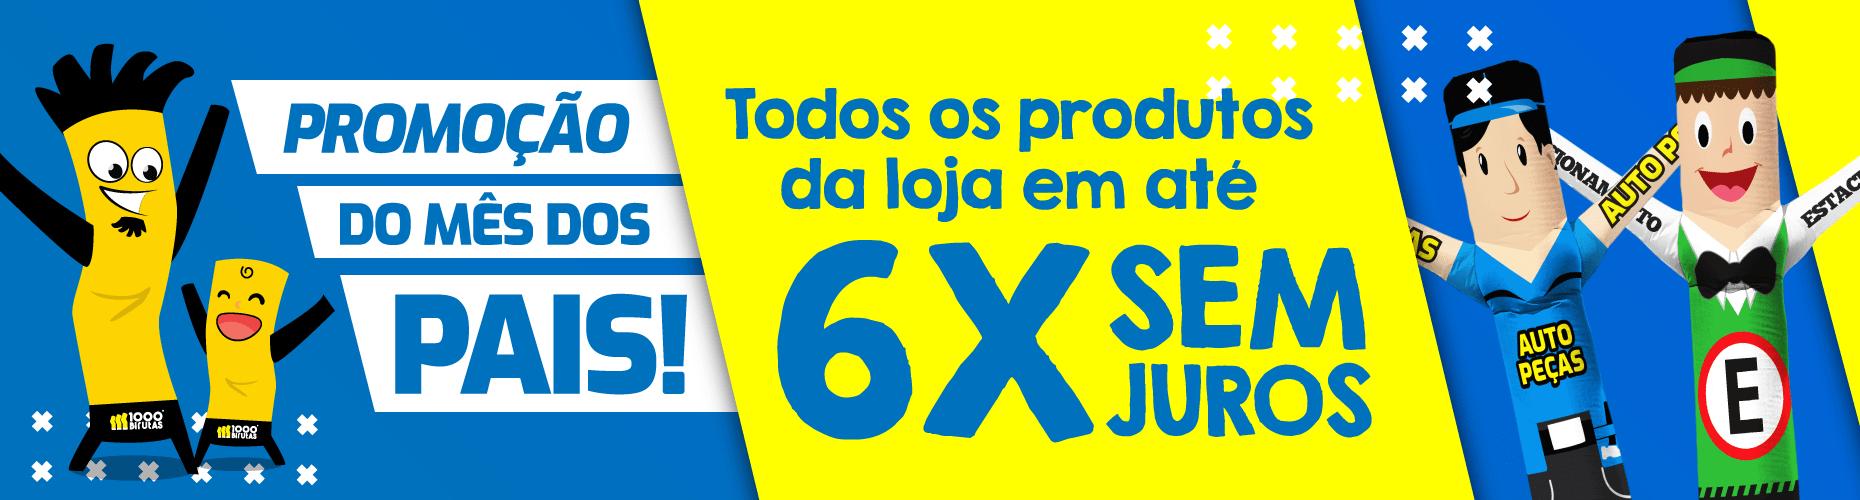 6X SEM JUROS EM TODA A LOJA!